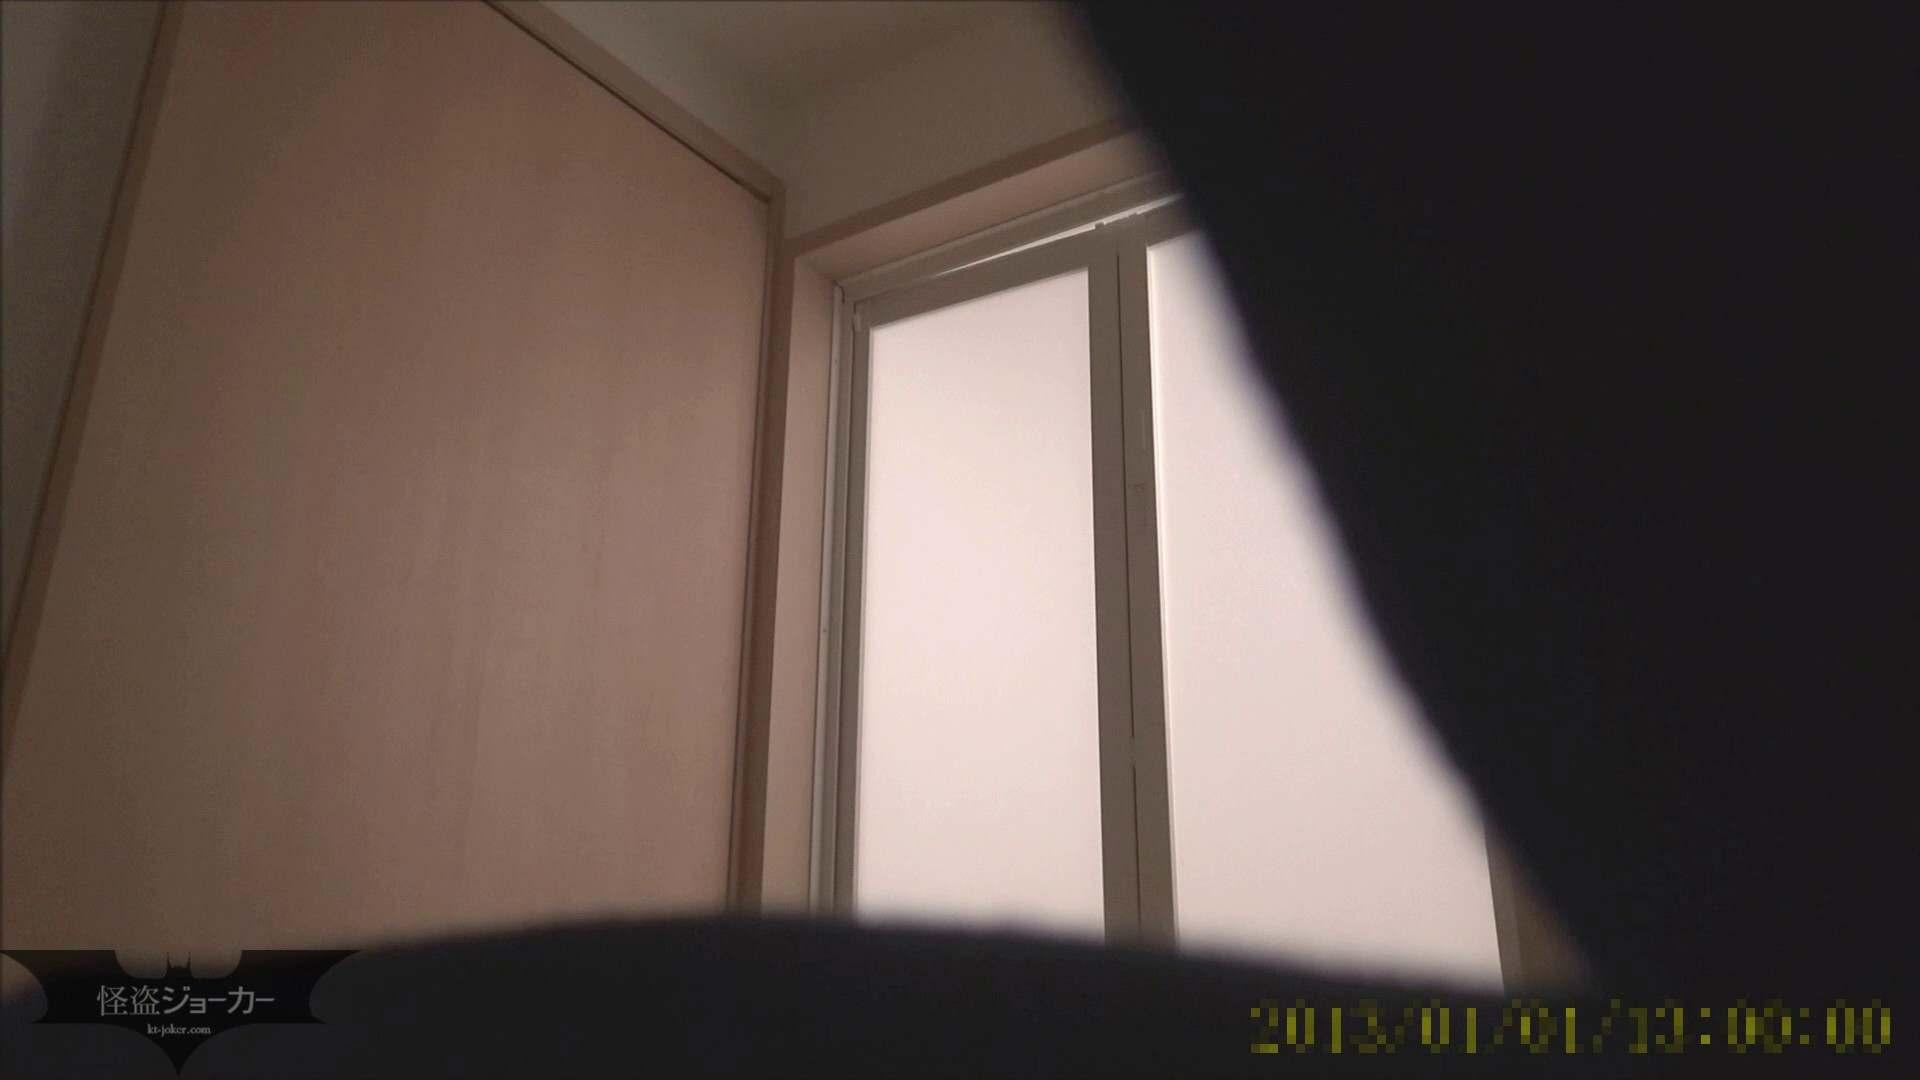 【未公開】vol.103  {黒髪→茶髪ボブに変身}美巨乳アミちゃん④【前編】 イタズラ エロ画像 92画像 79